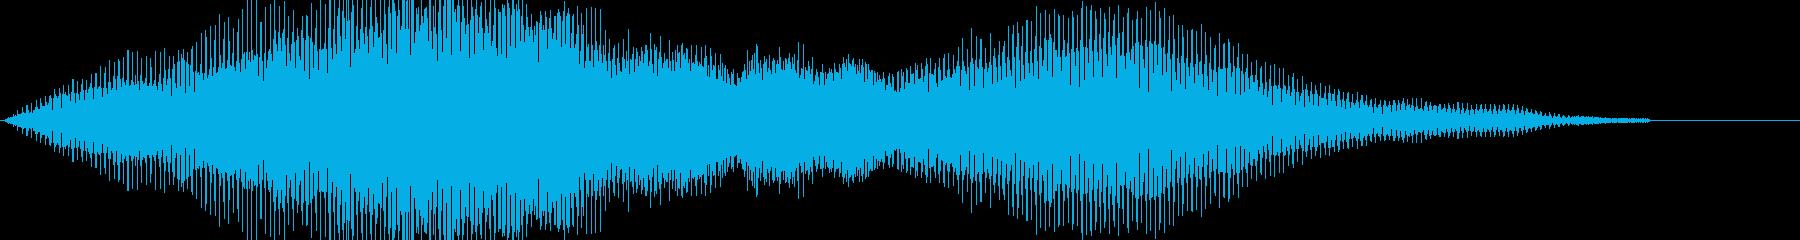 アンビエント コーポレート 広い ...の再生済みの波形